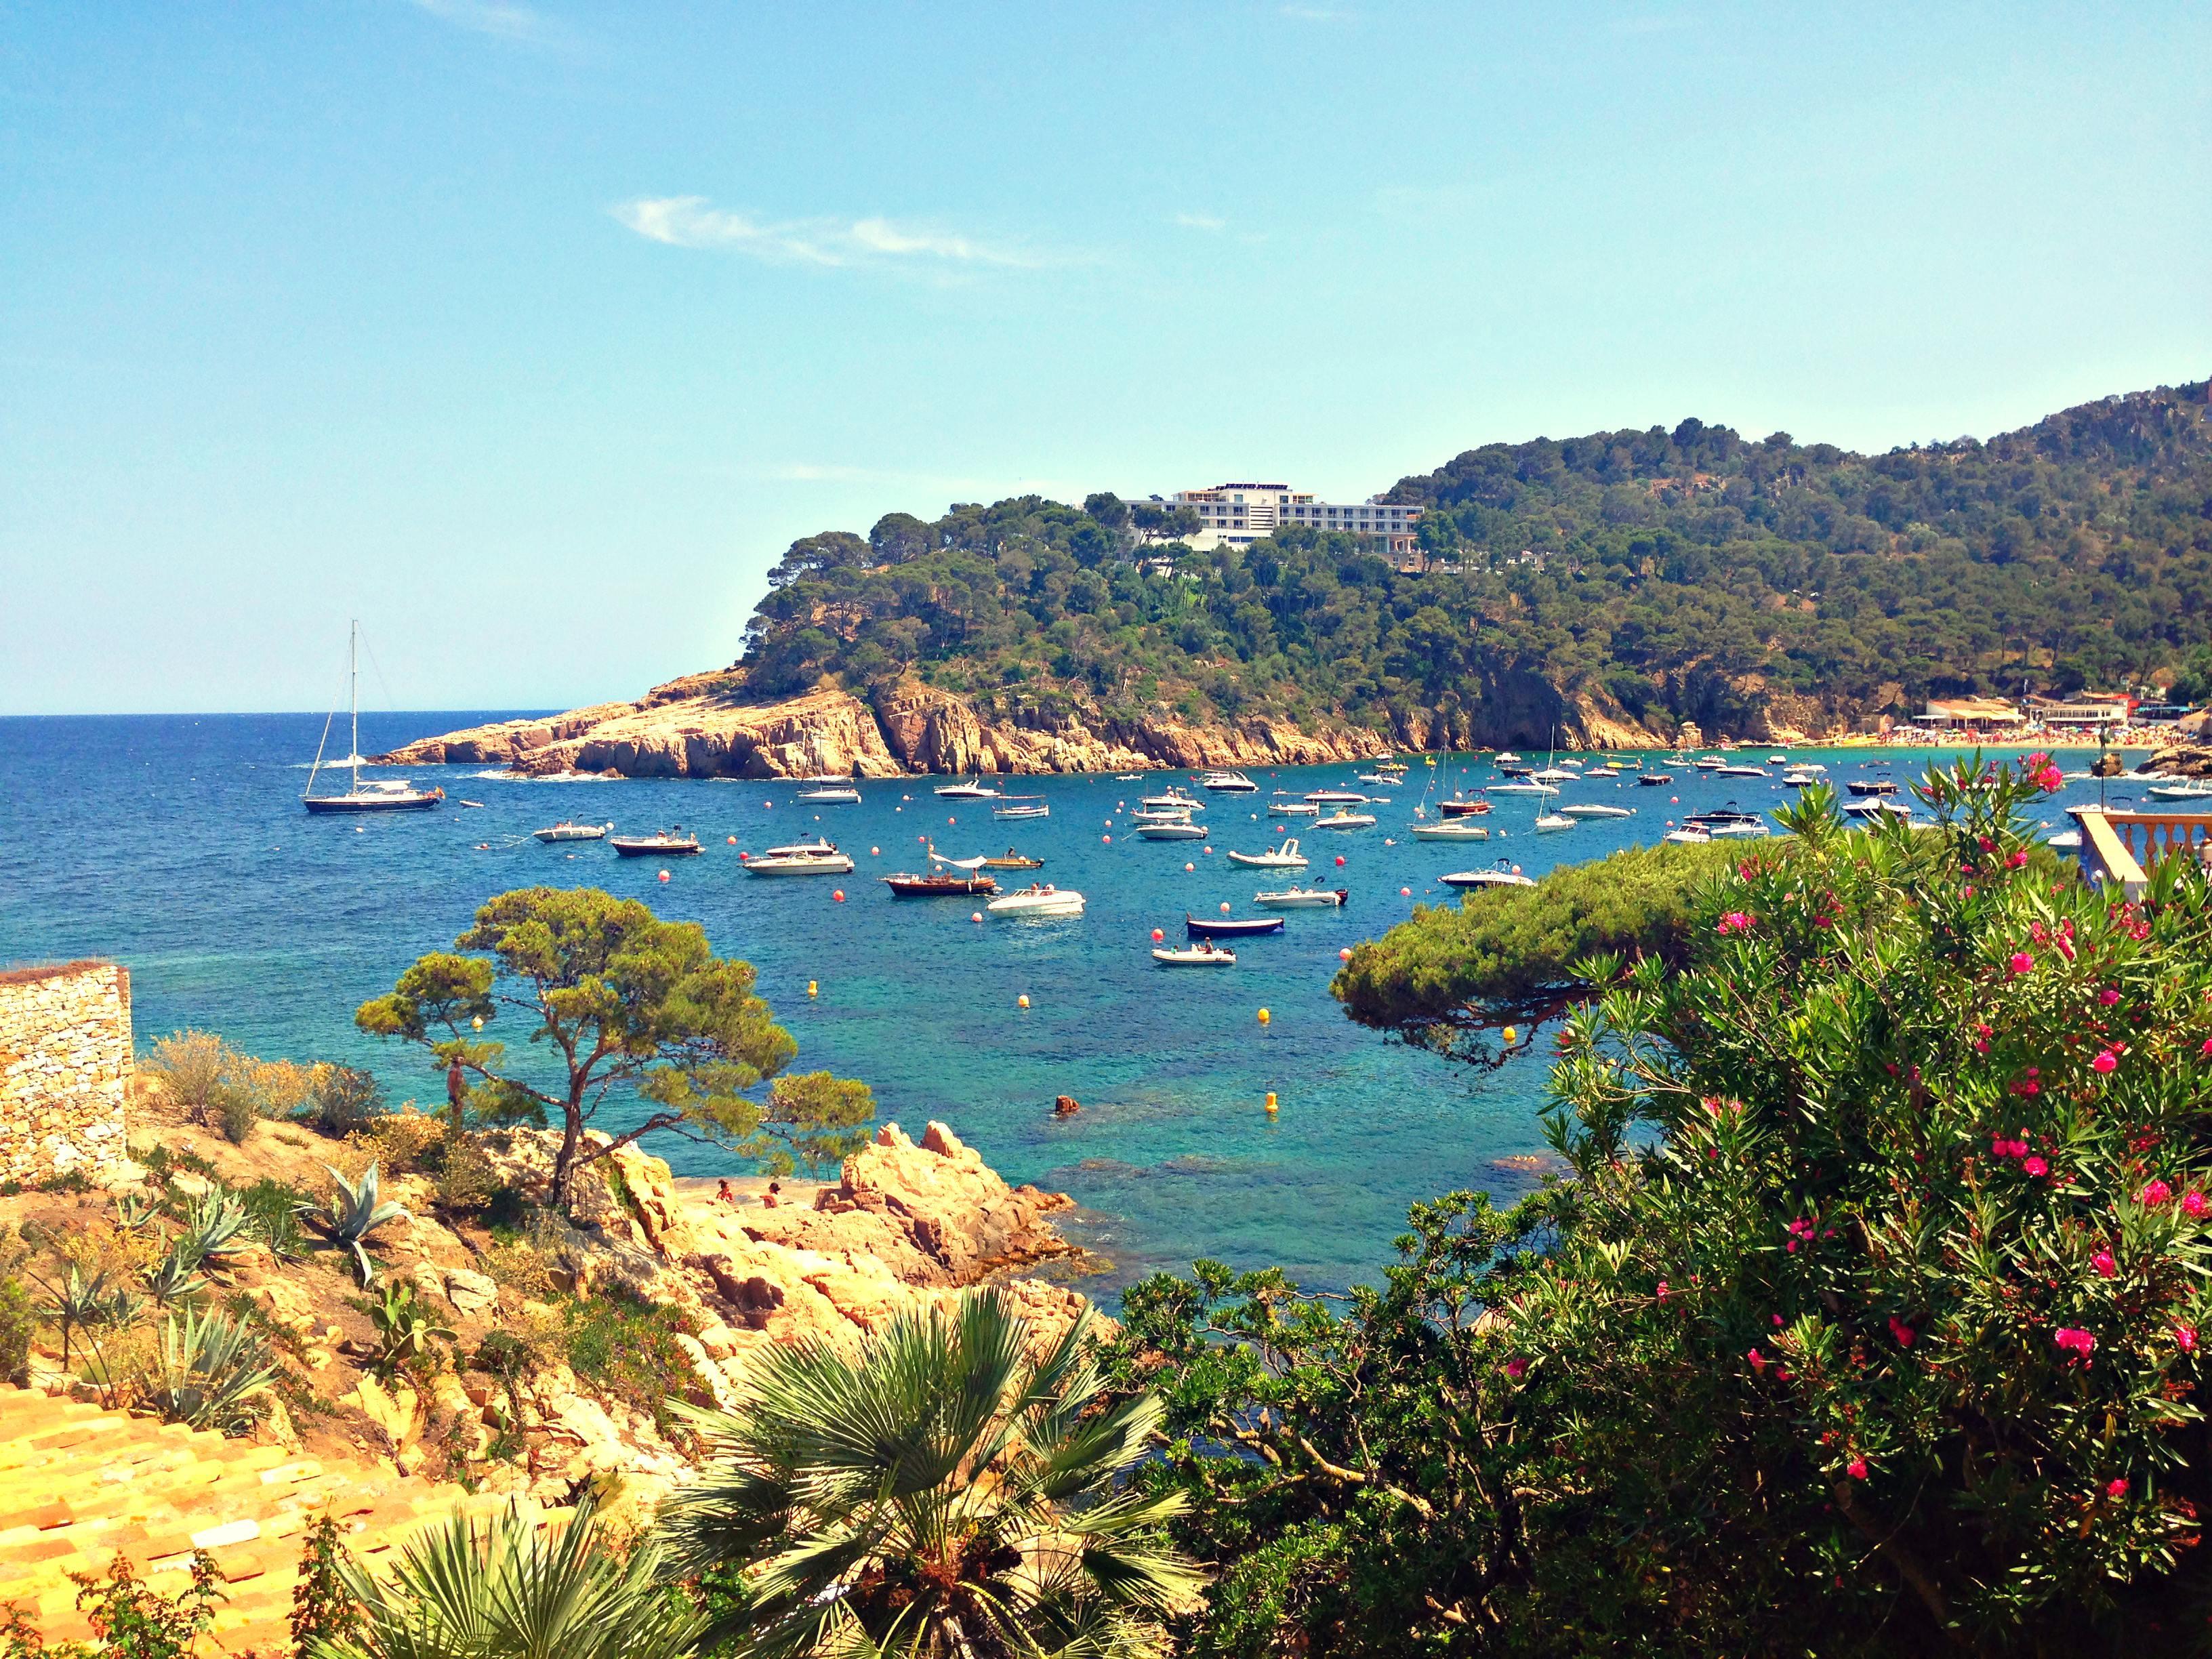 Fornells Cala Costa Brava (Beach Cove)